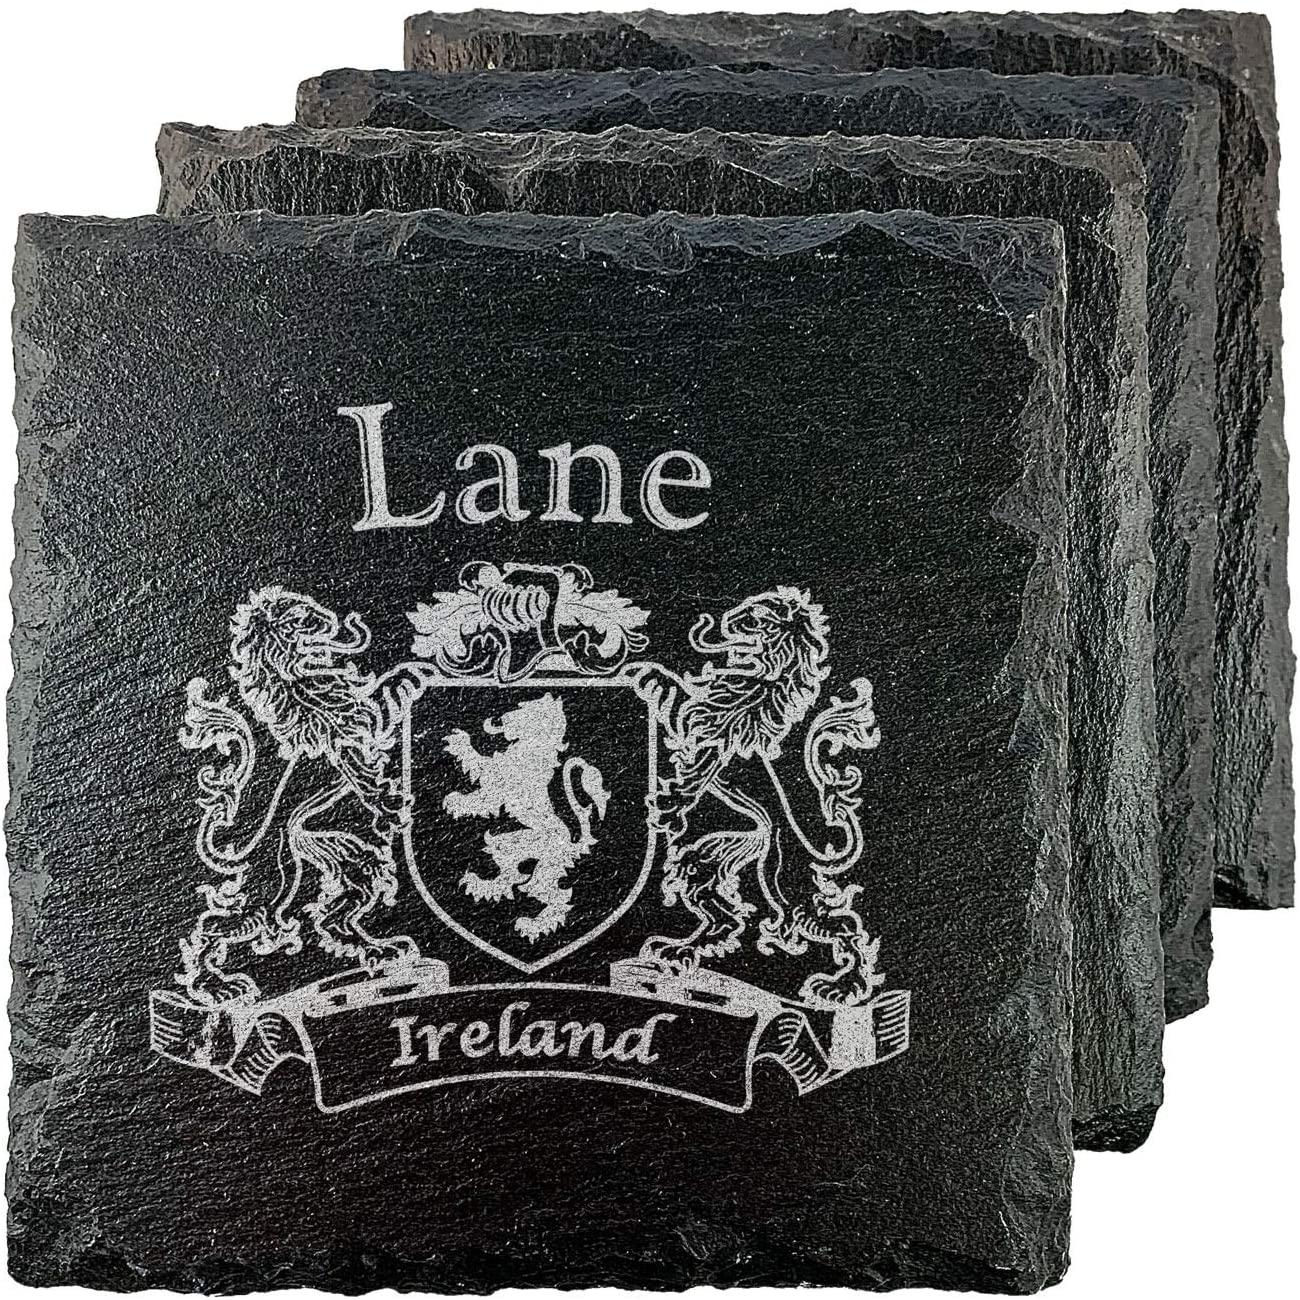 Lane Irish Coat of Arms Slate Coasters - Set of 4